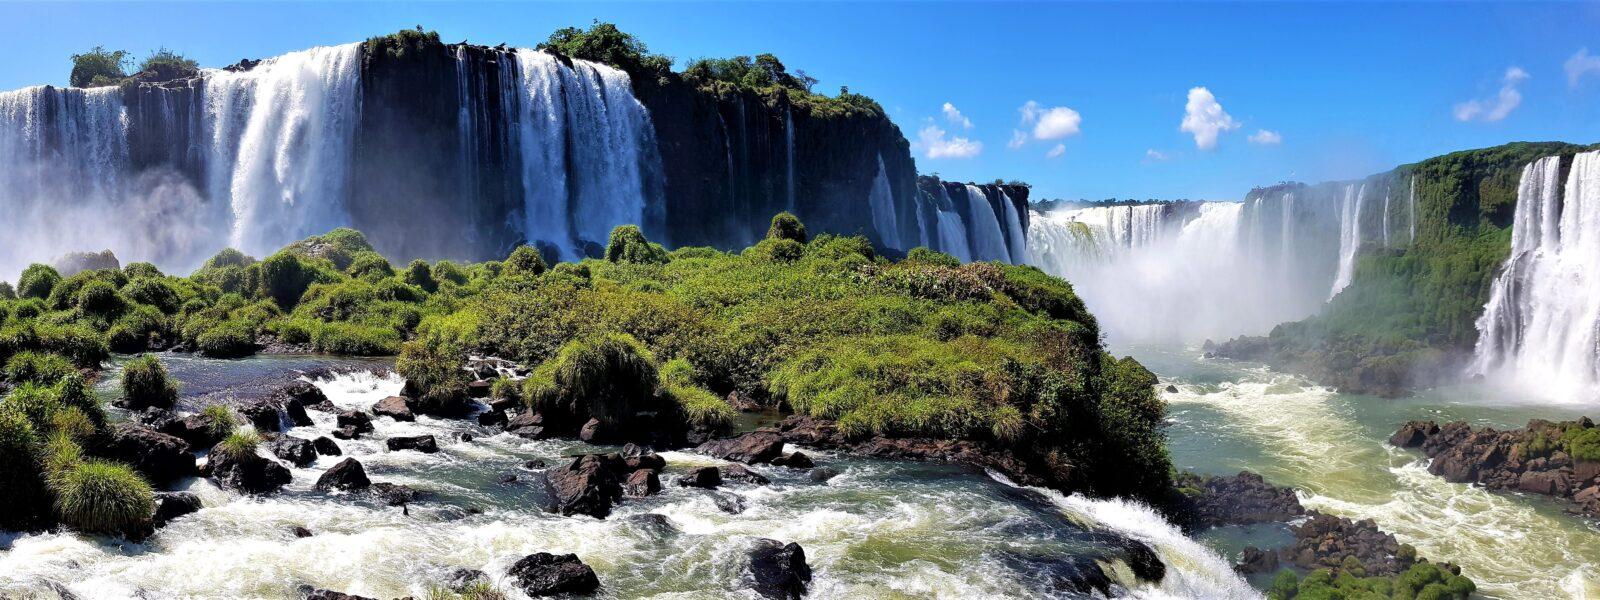 Najlepši na svetu: slapovi Iguazu